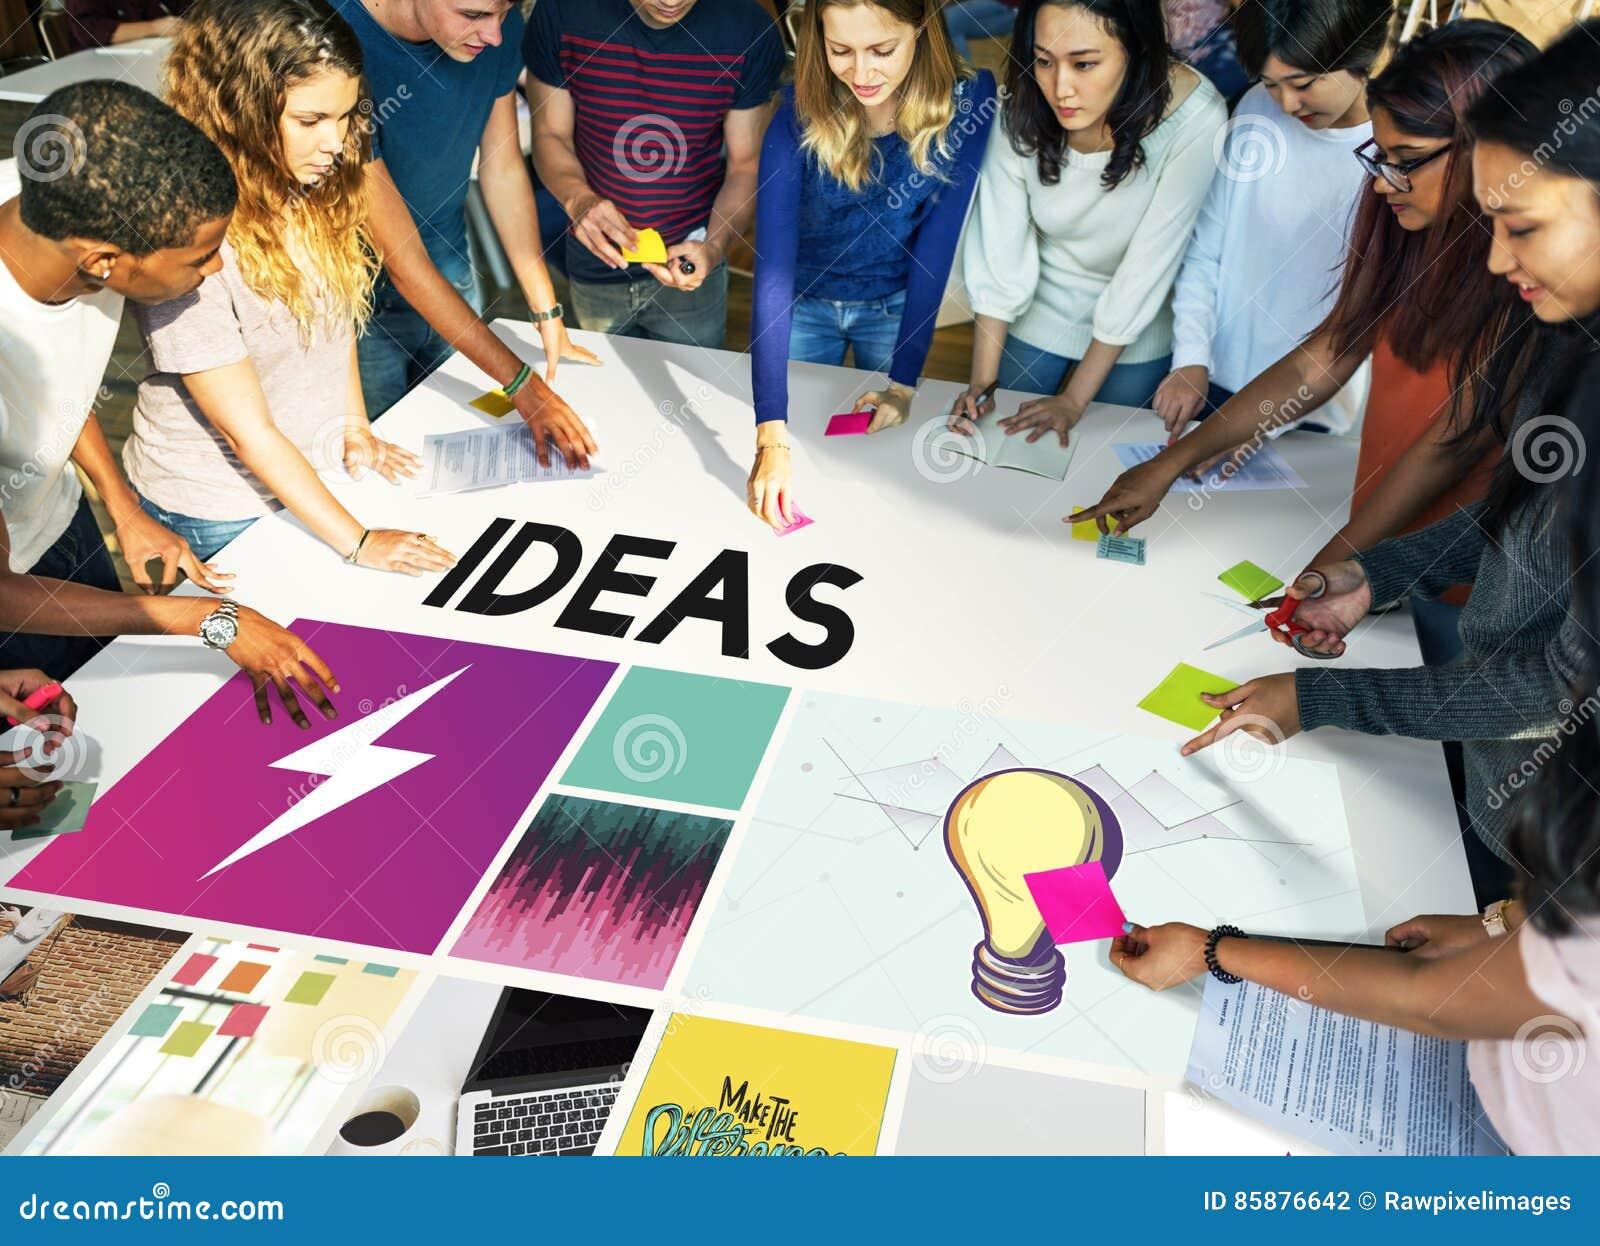 大学年轻成人配合项目概念